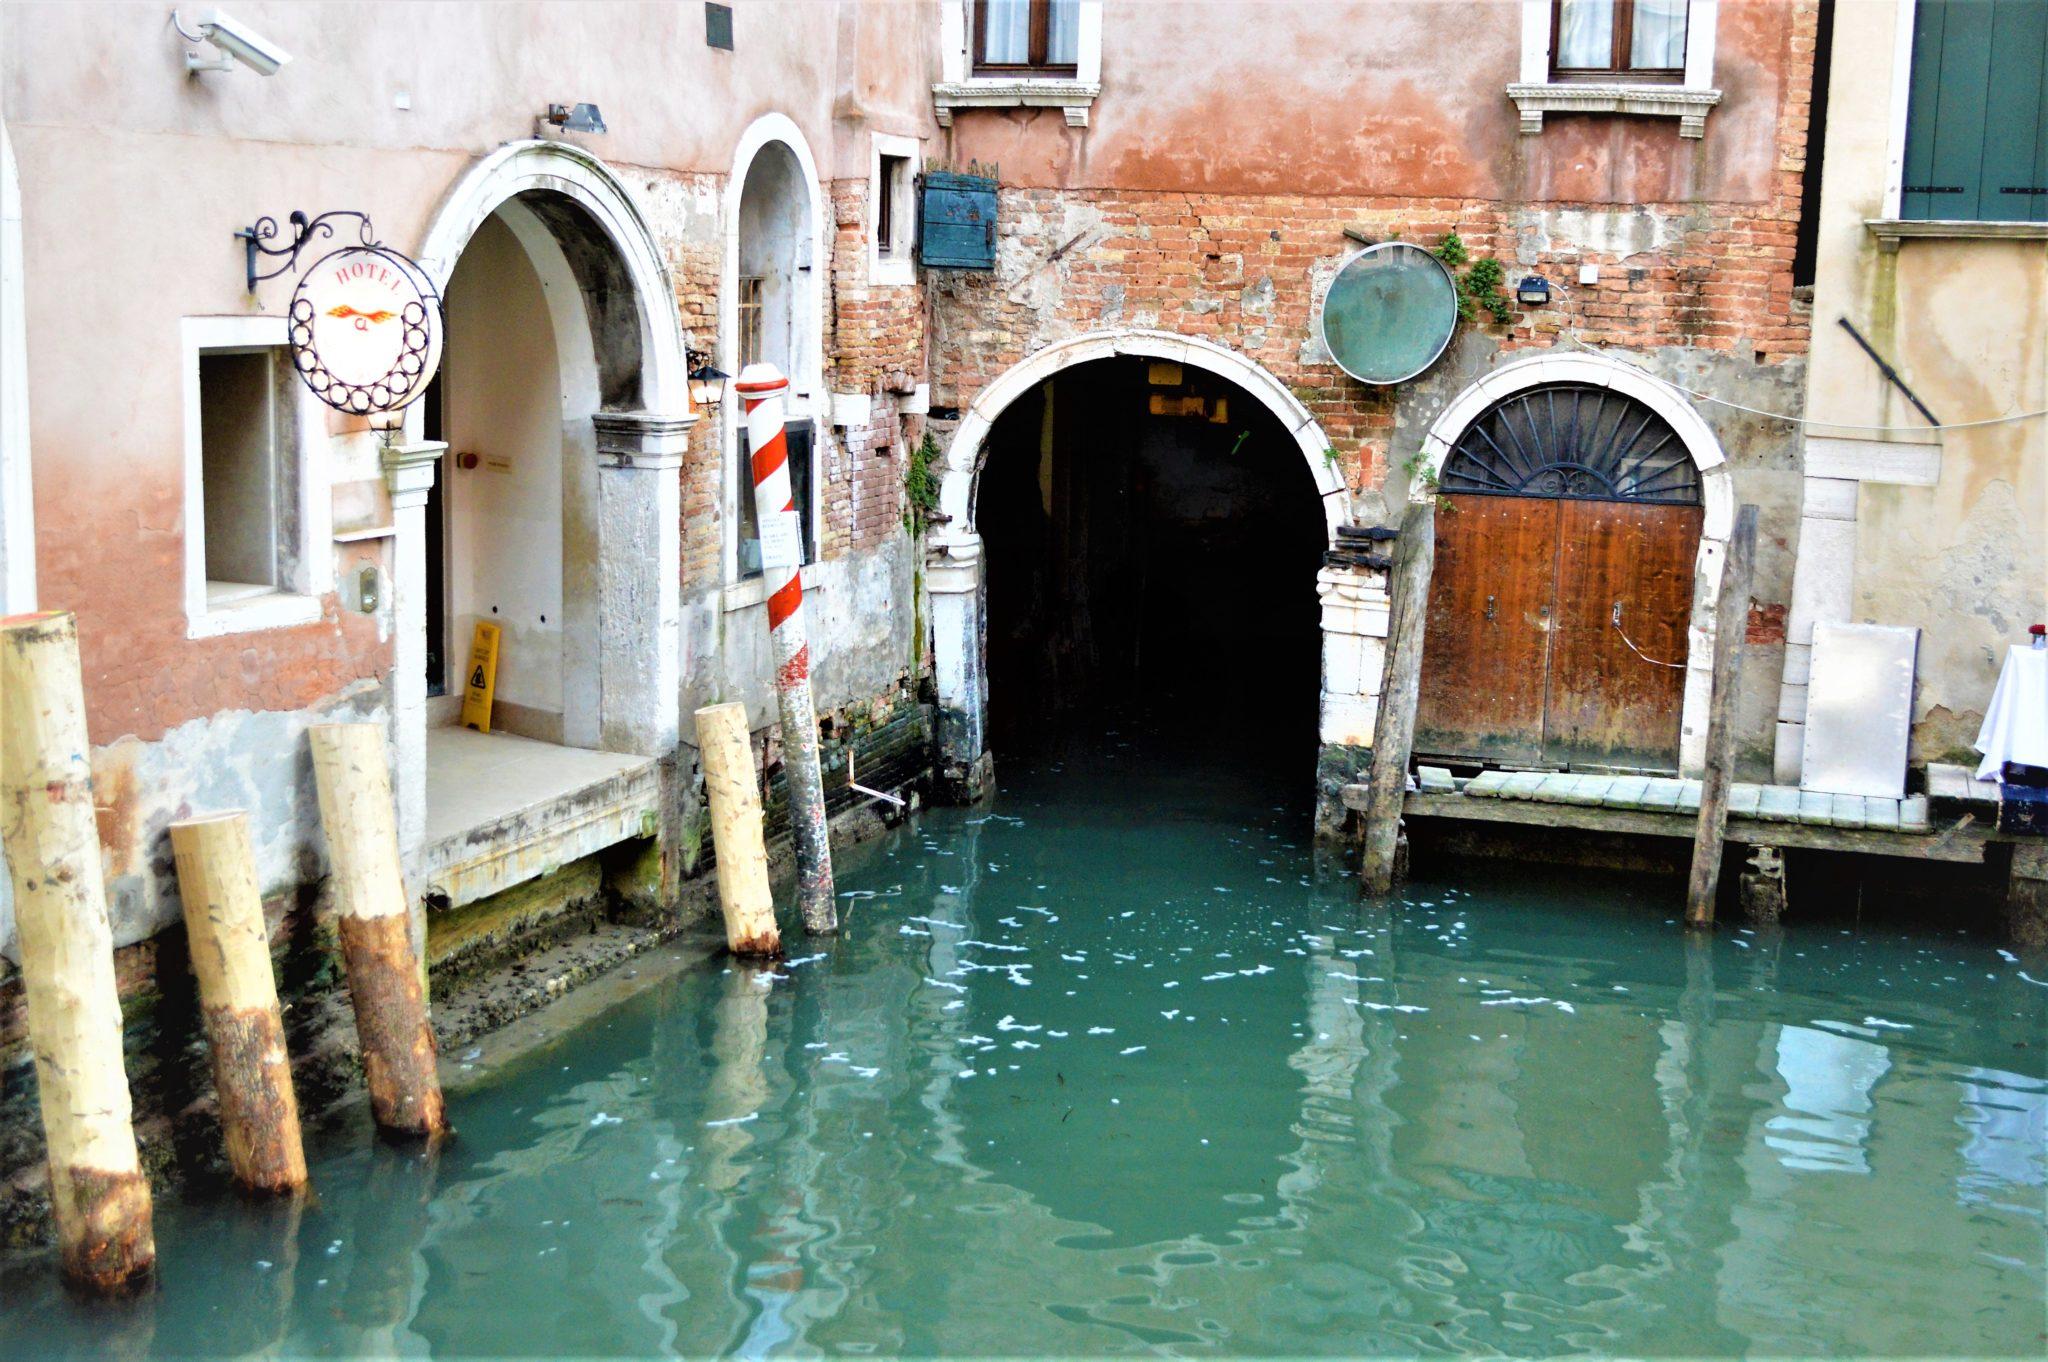 Hotel Caneva boat park, Venice, Italy